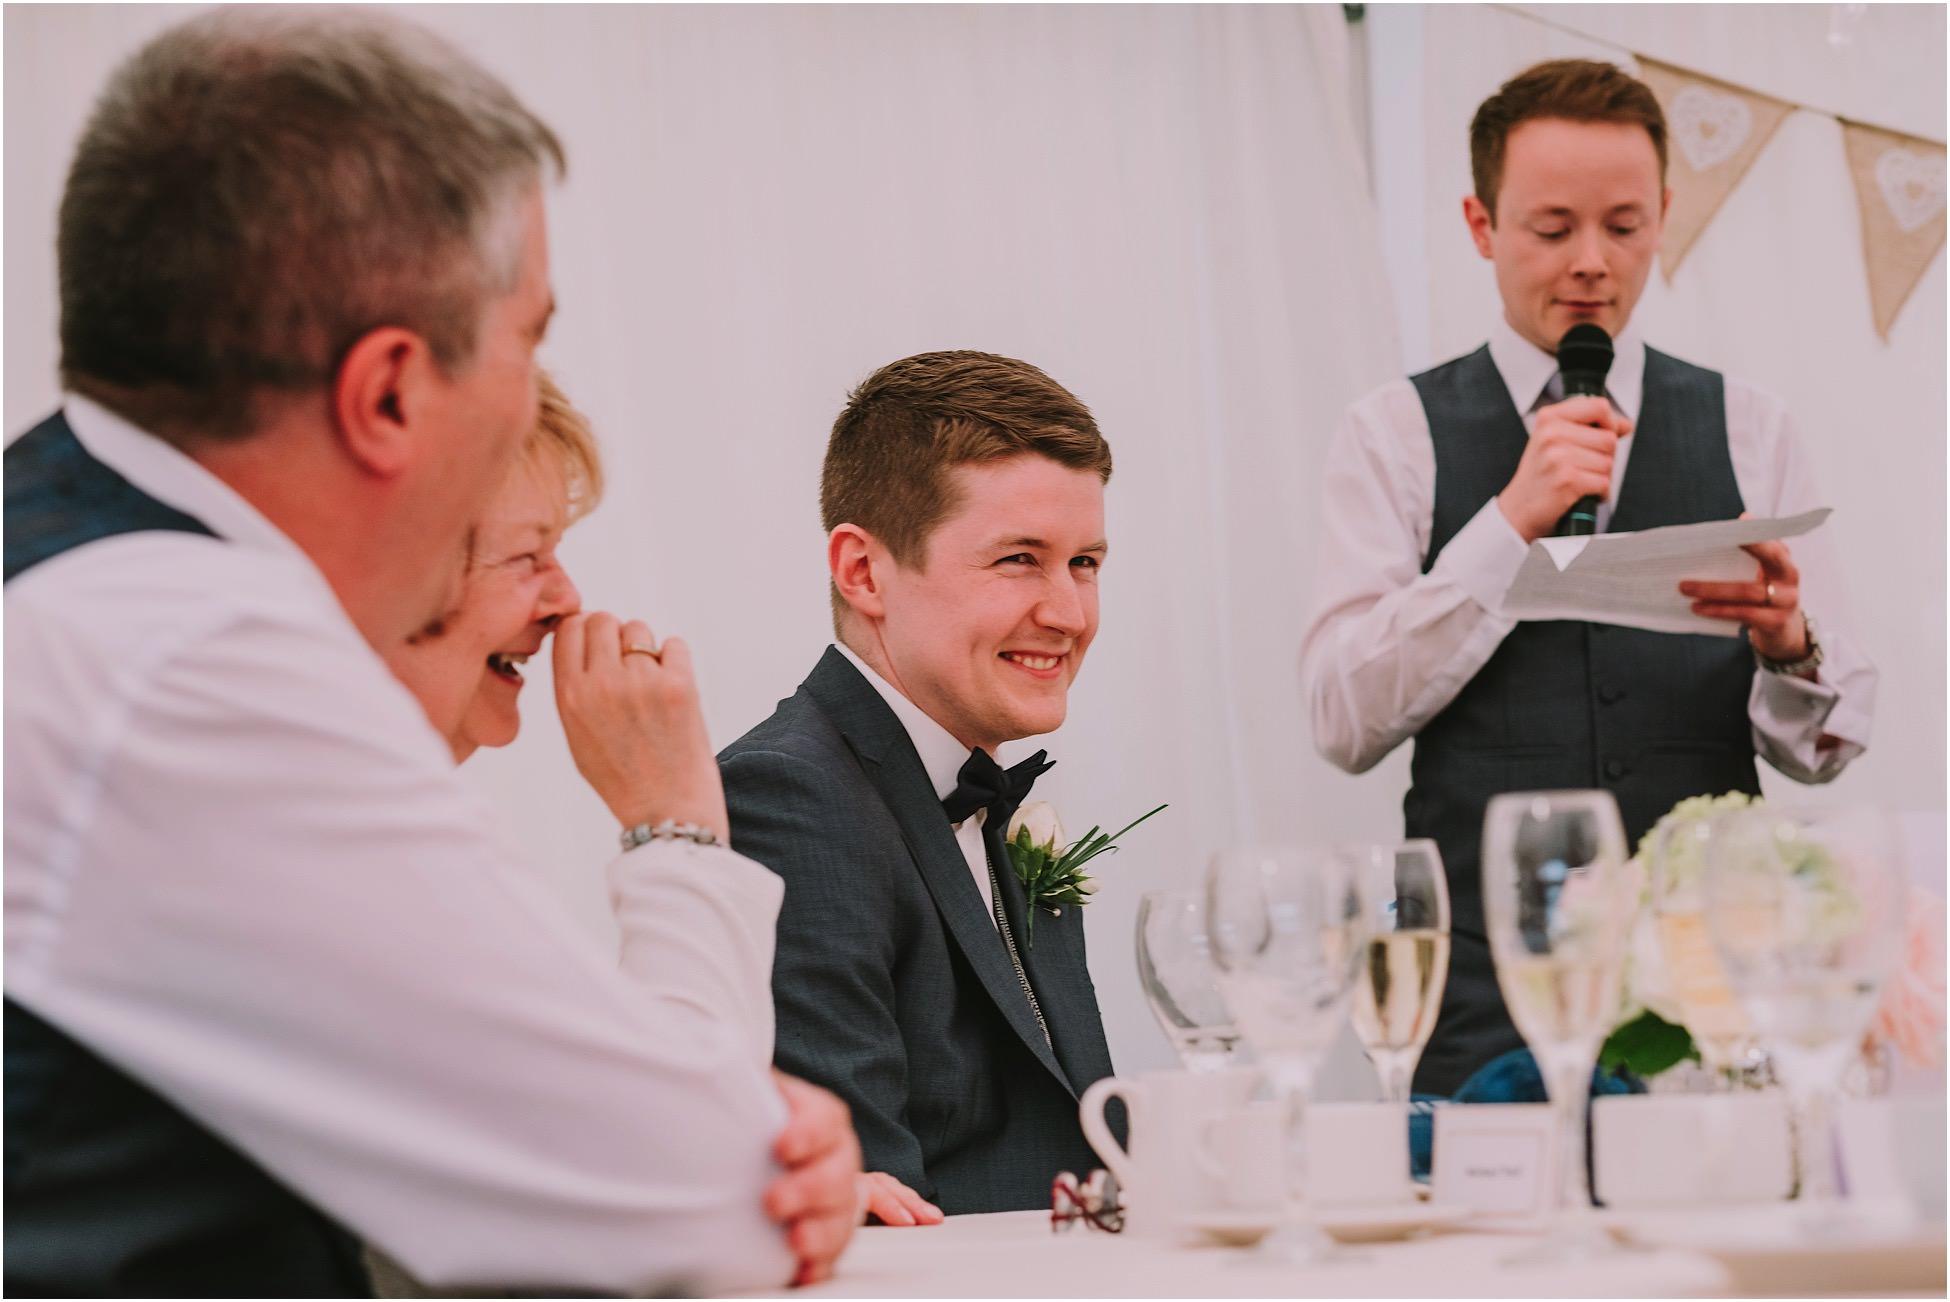 Groom grimacing during his Best Man's speech